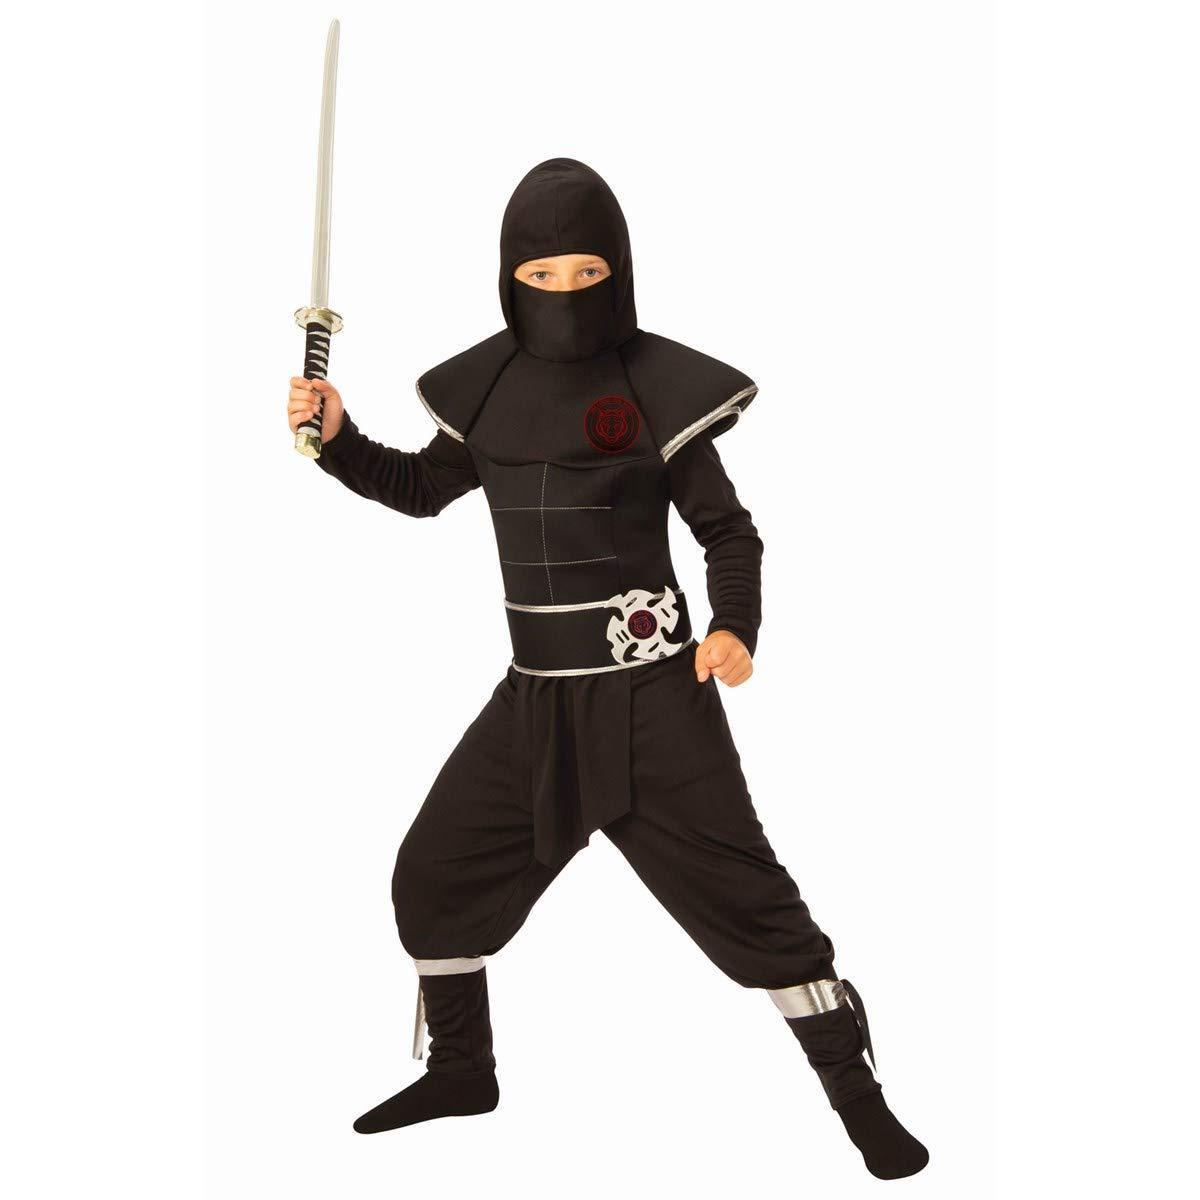 Amazon.com: Ninja Assassin Boys Costume: Clothing